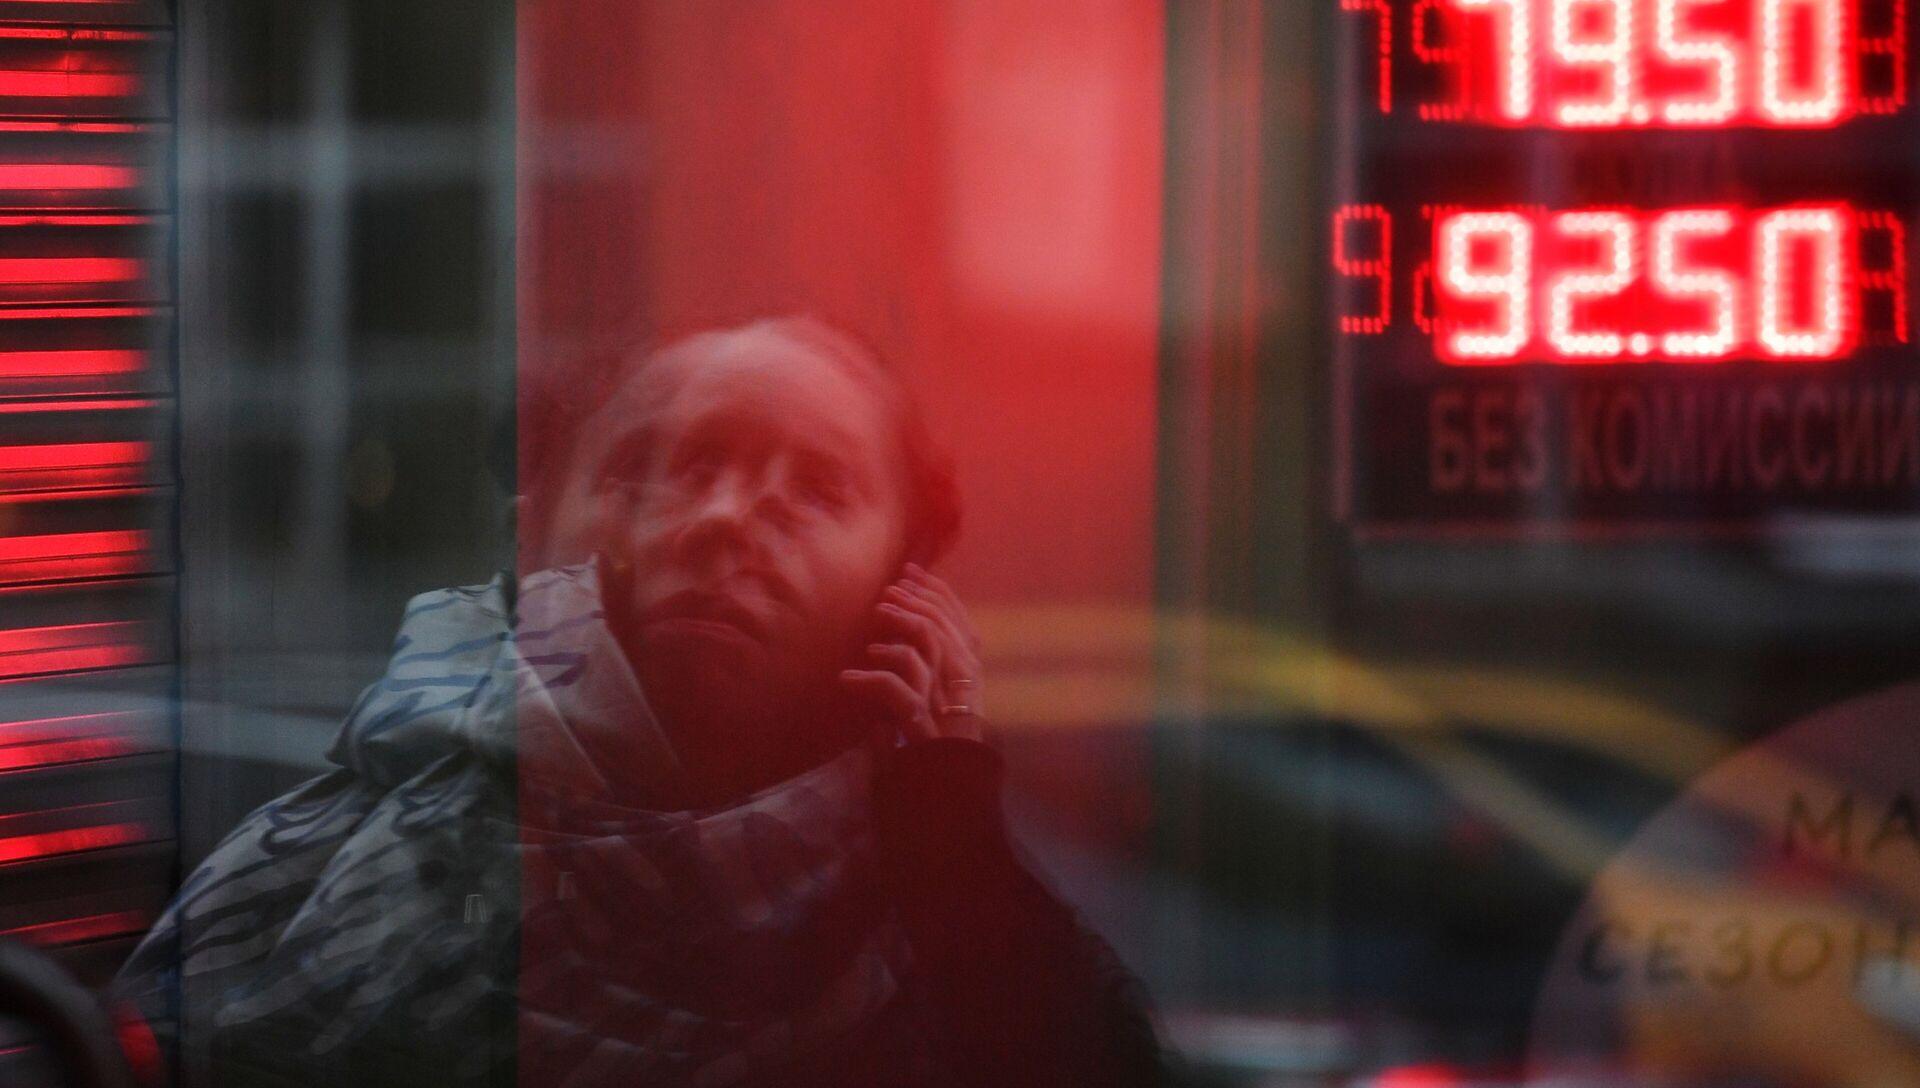 Отражение электронного табло с курсами валют на одной из улиц в Москве - РИА Новости, 1920, 03.11.2020